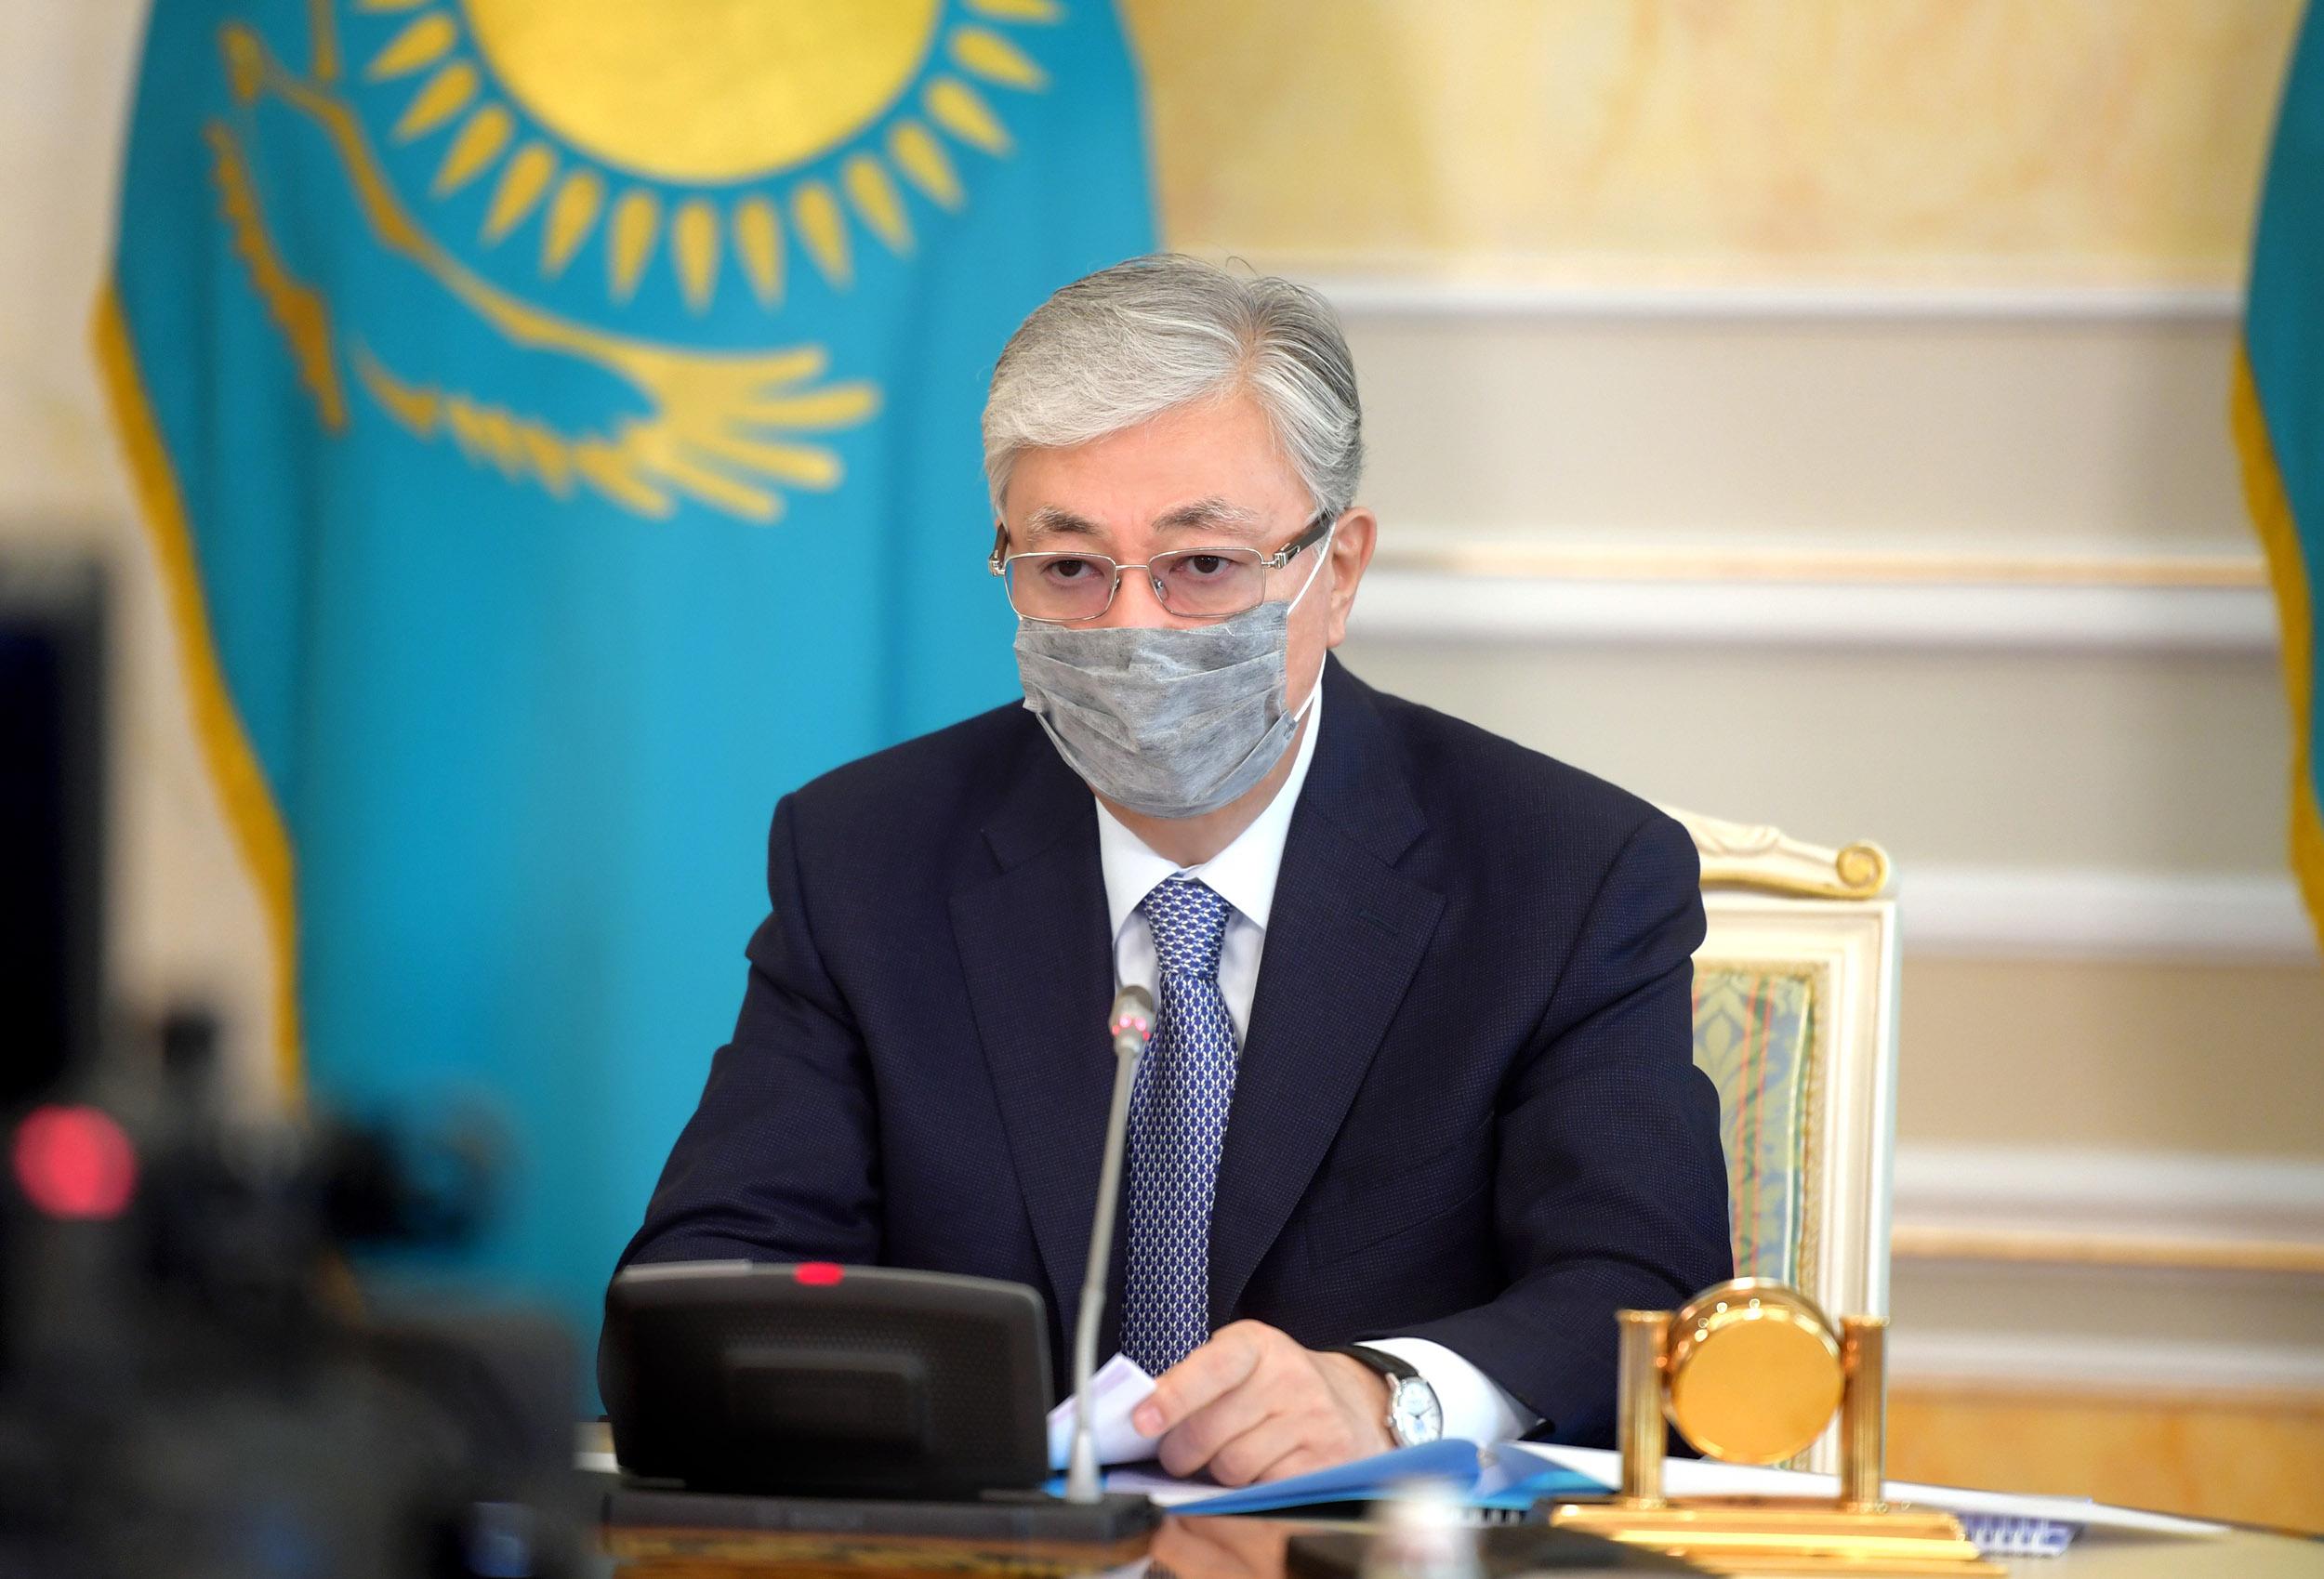 Глава государства провел совещание по мерам противодействия распространению коронавирусной инфекции